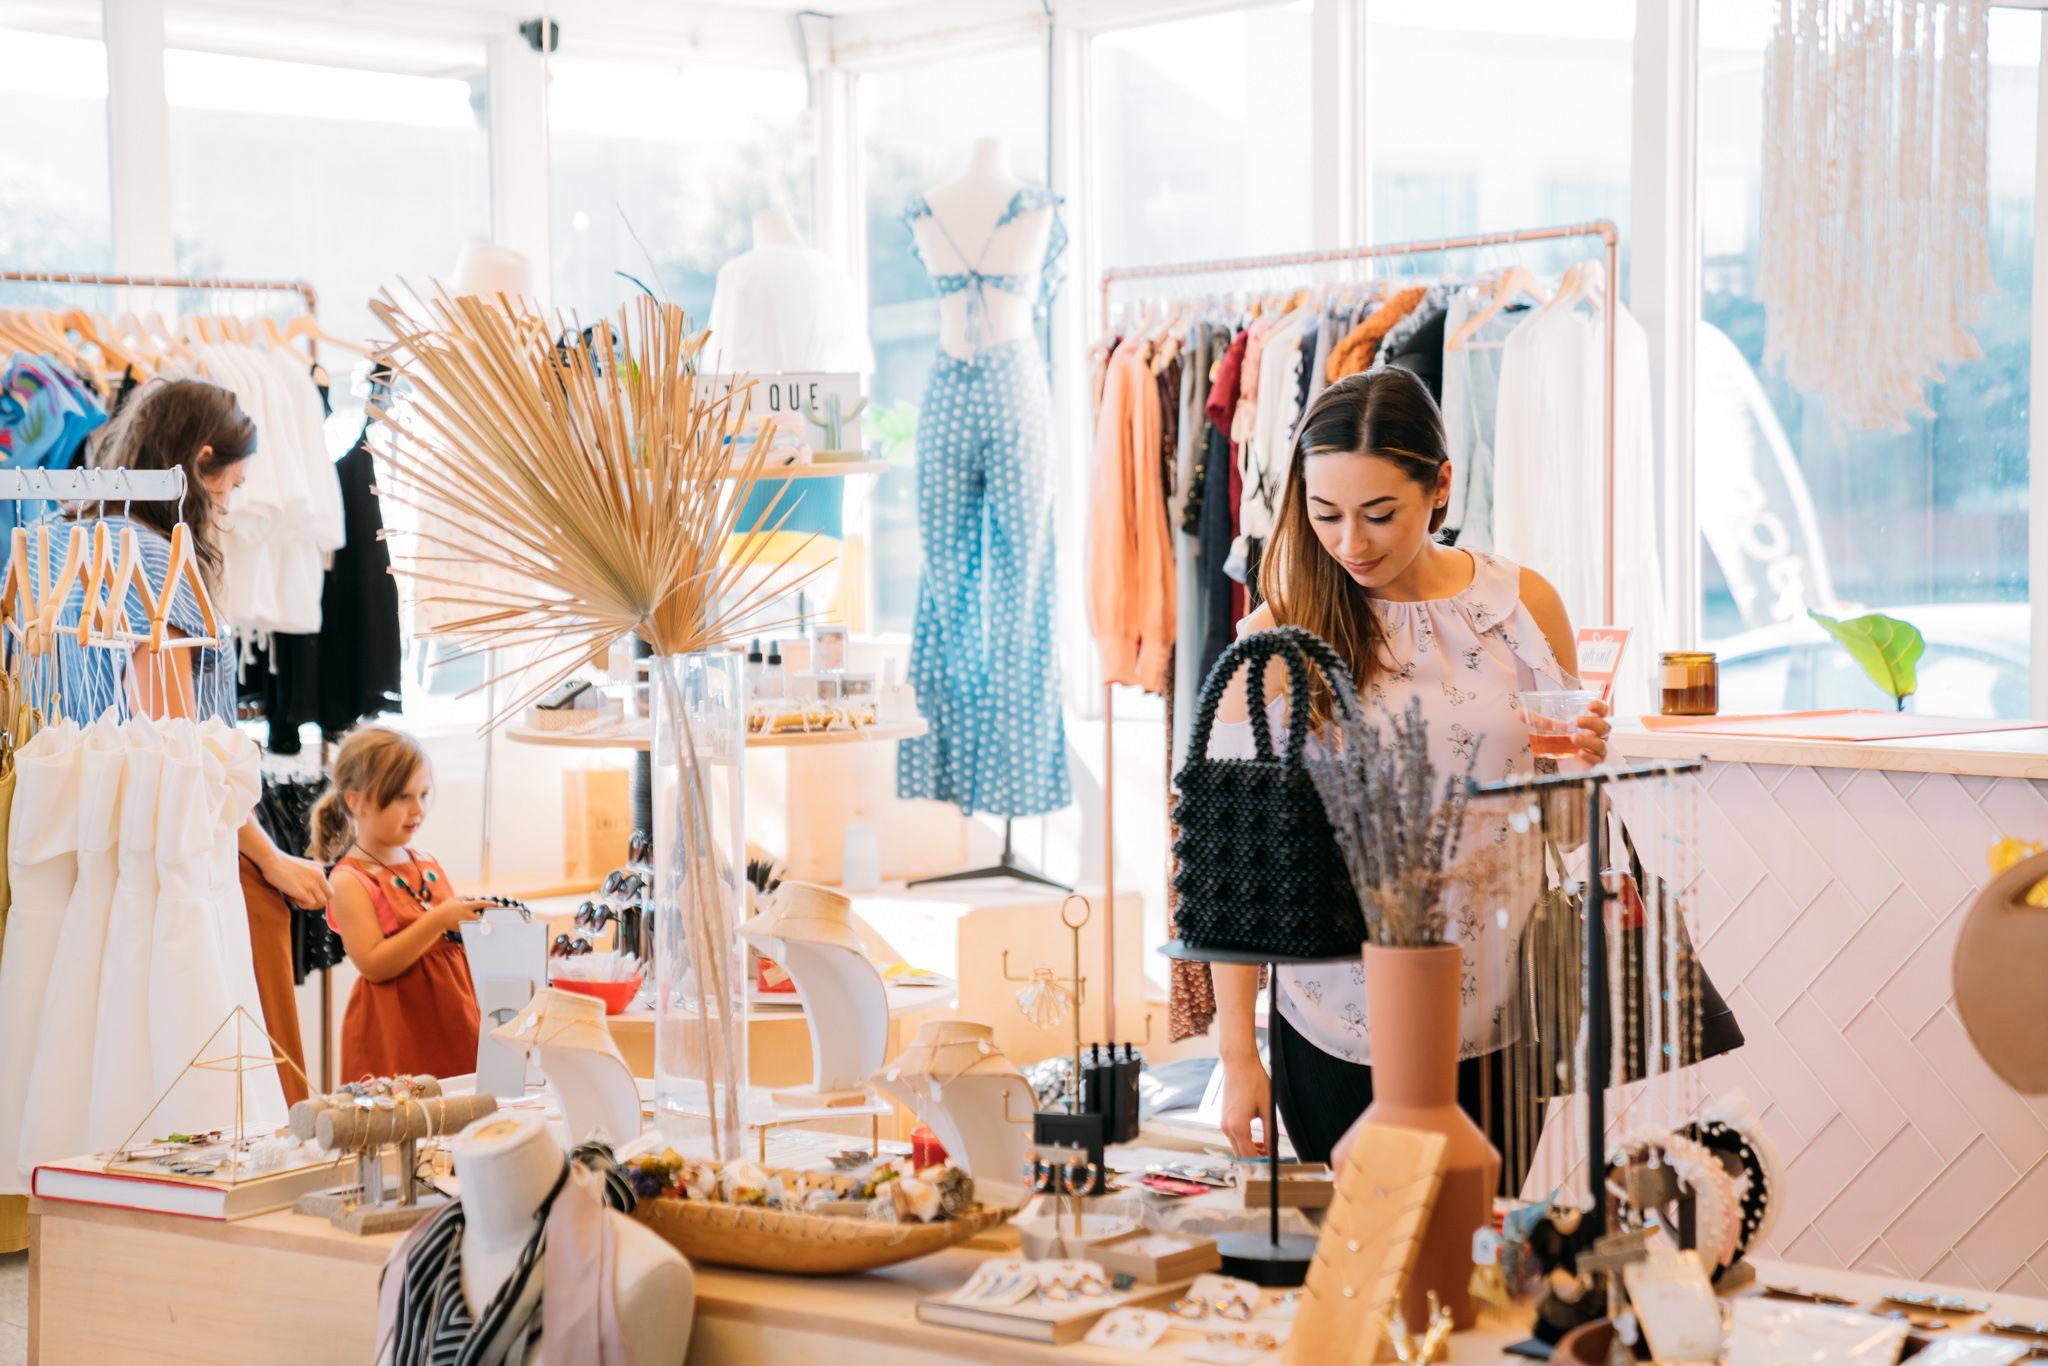 20190725-Florecer-Femme-Sip-N-Shop-AdrianGarcia-FOMASCine-_BR30278.jpg